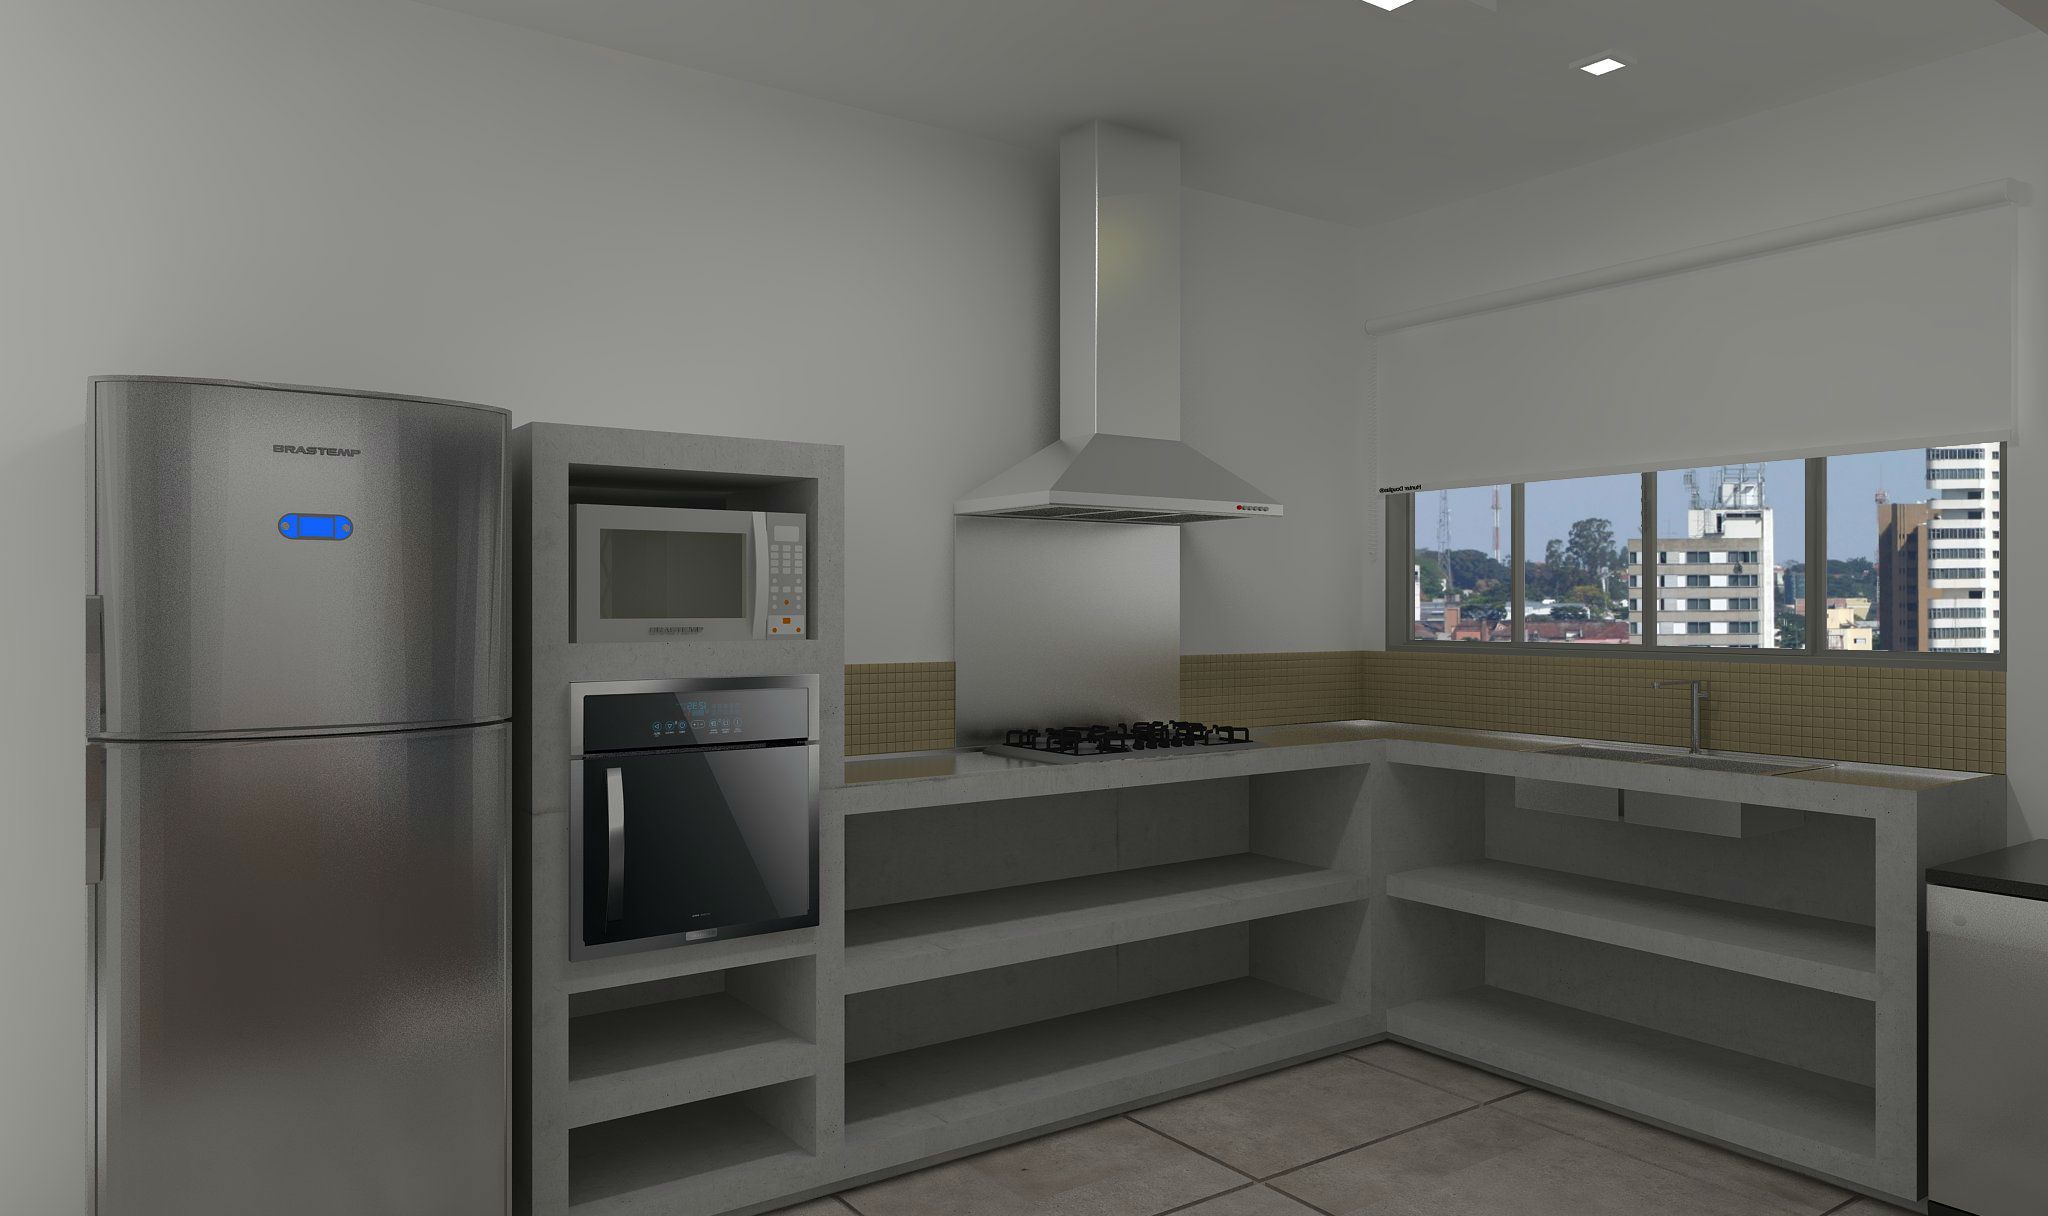 Cozinha bancada cimento queimado para mais informa es - Bancadas de cocina ...